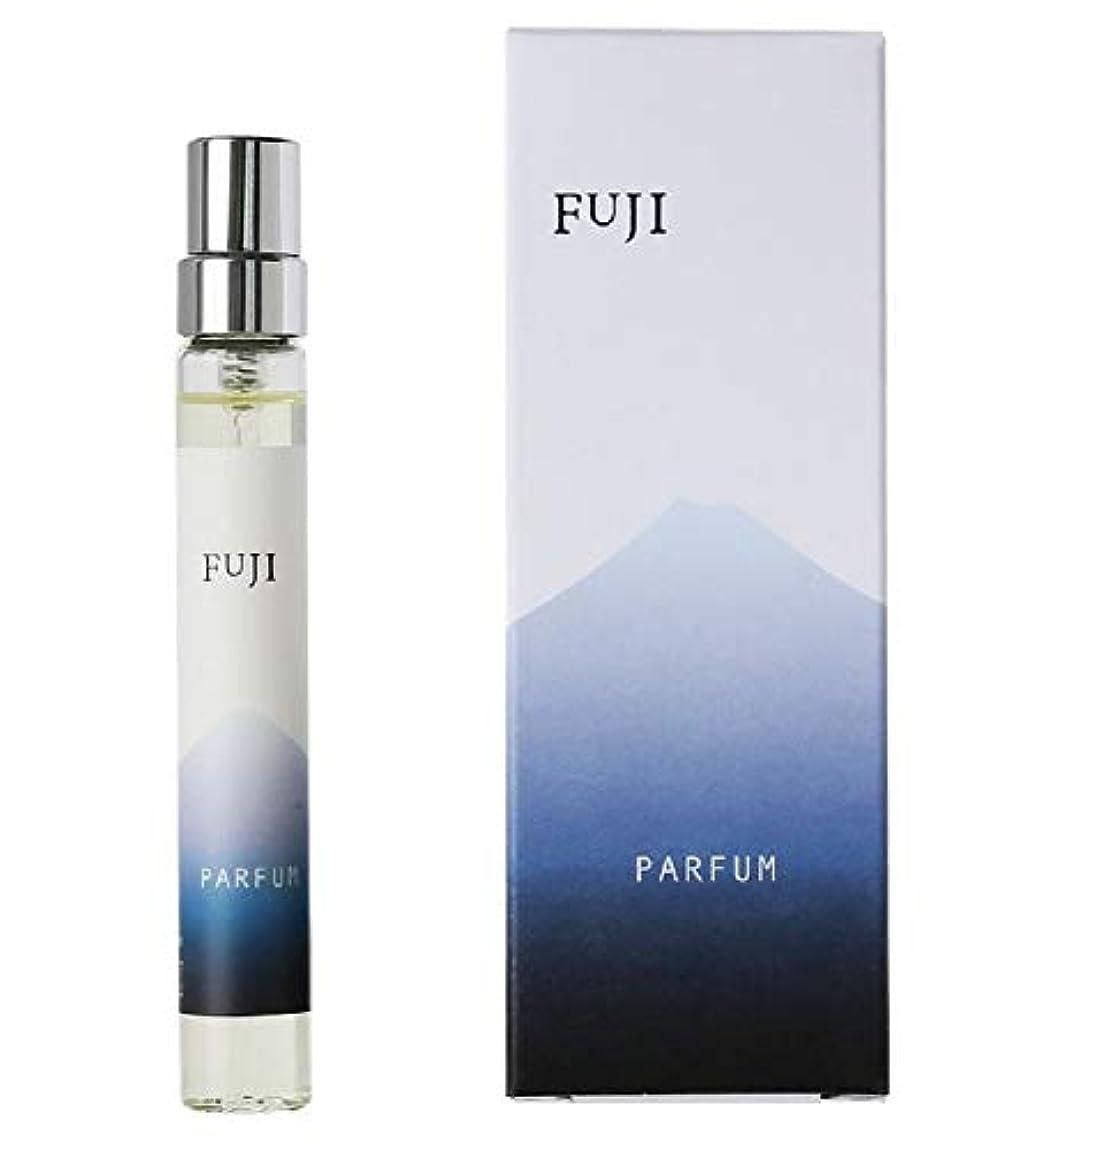 シロナガスクジラ霊先祖パルファム フジ parfum fuji 最高級 パルファン 1ダースセット(12本) 限定割引 & 送料無料 富士山 香水 海外みやげ